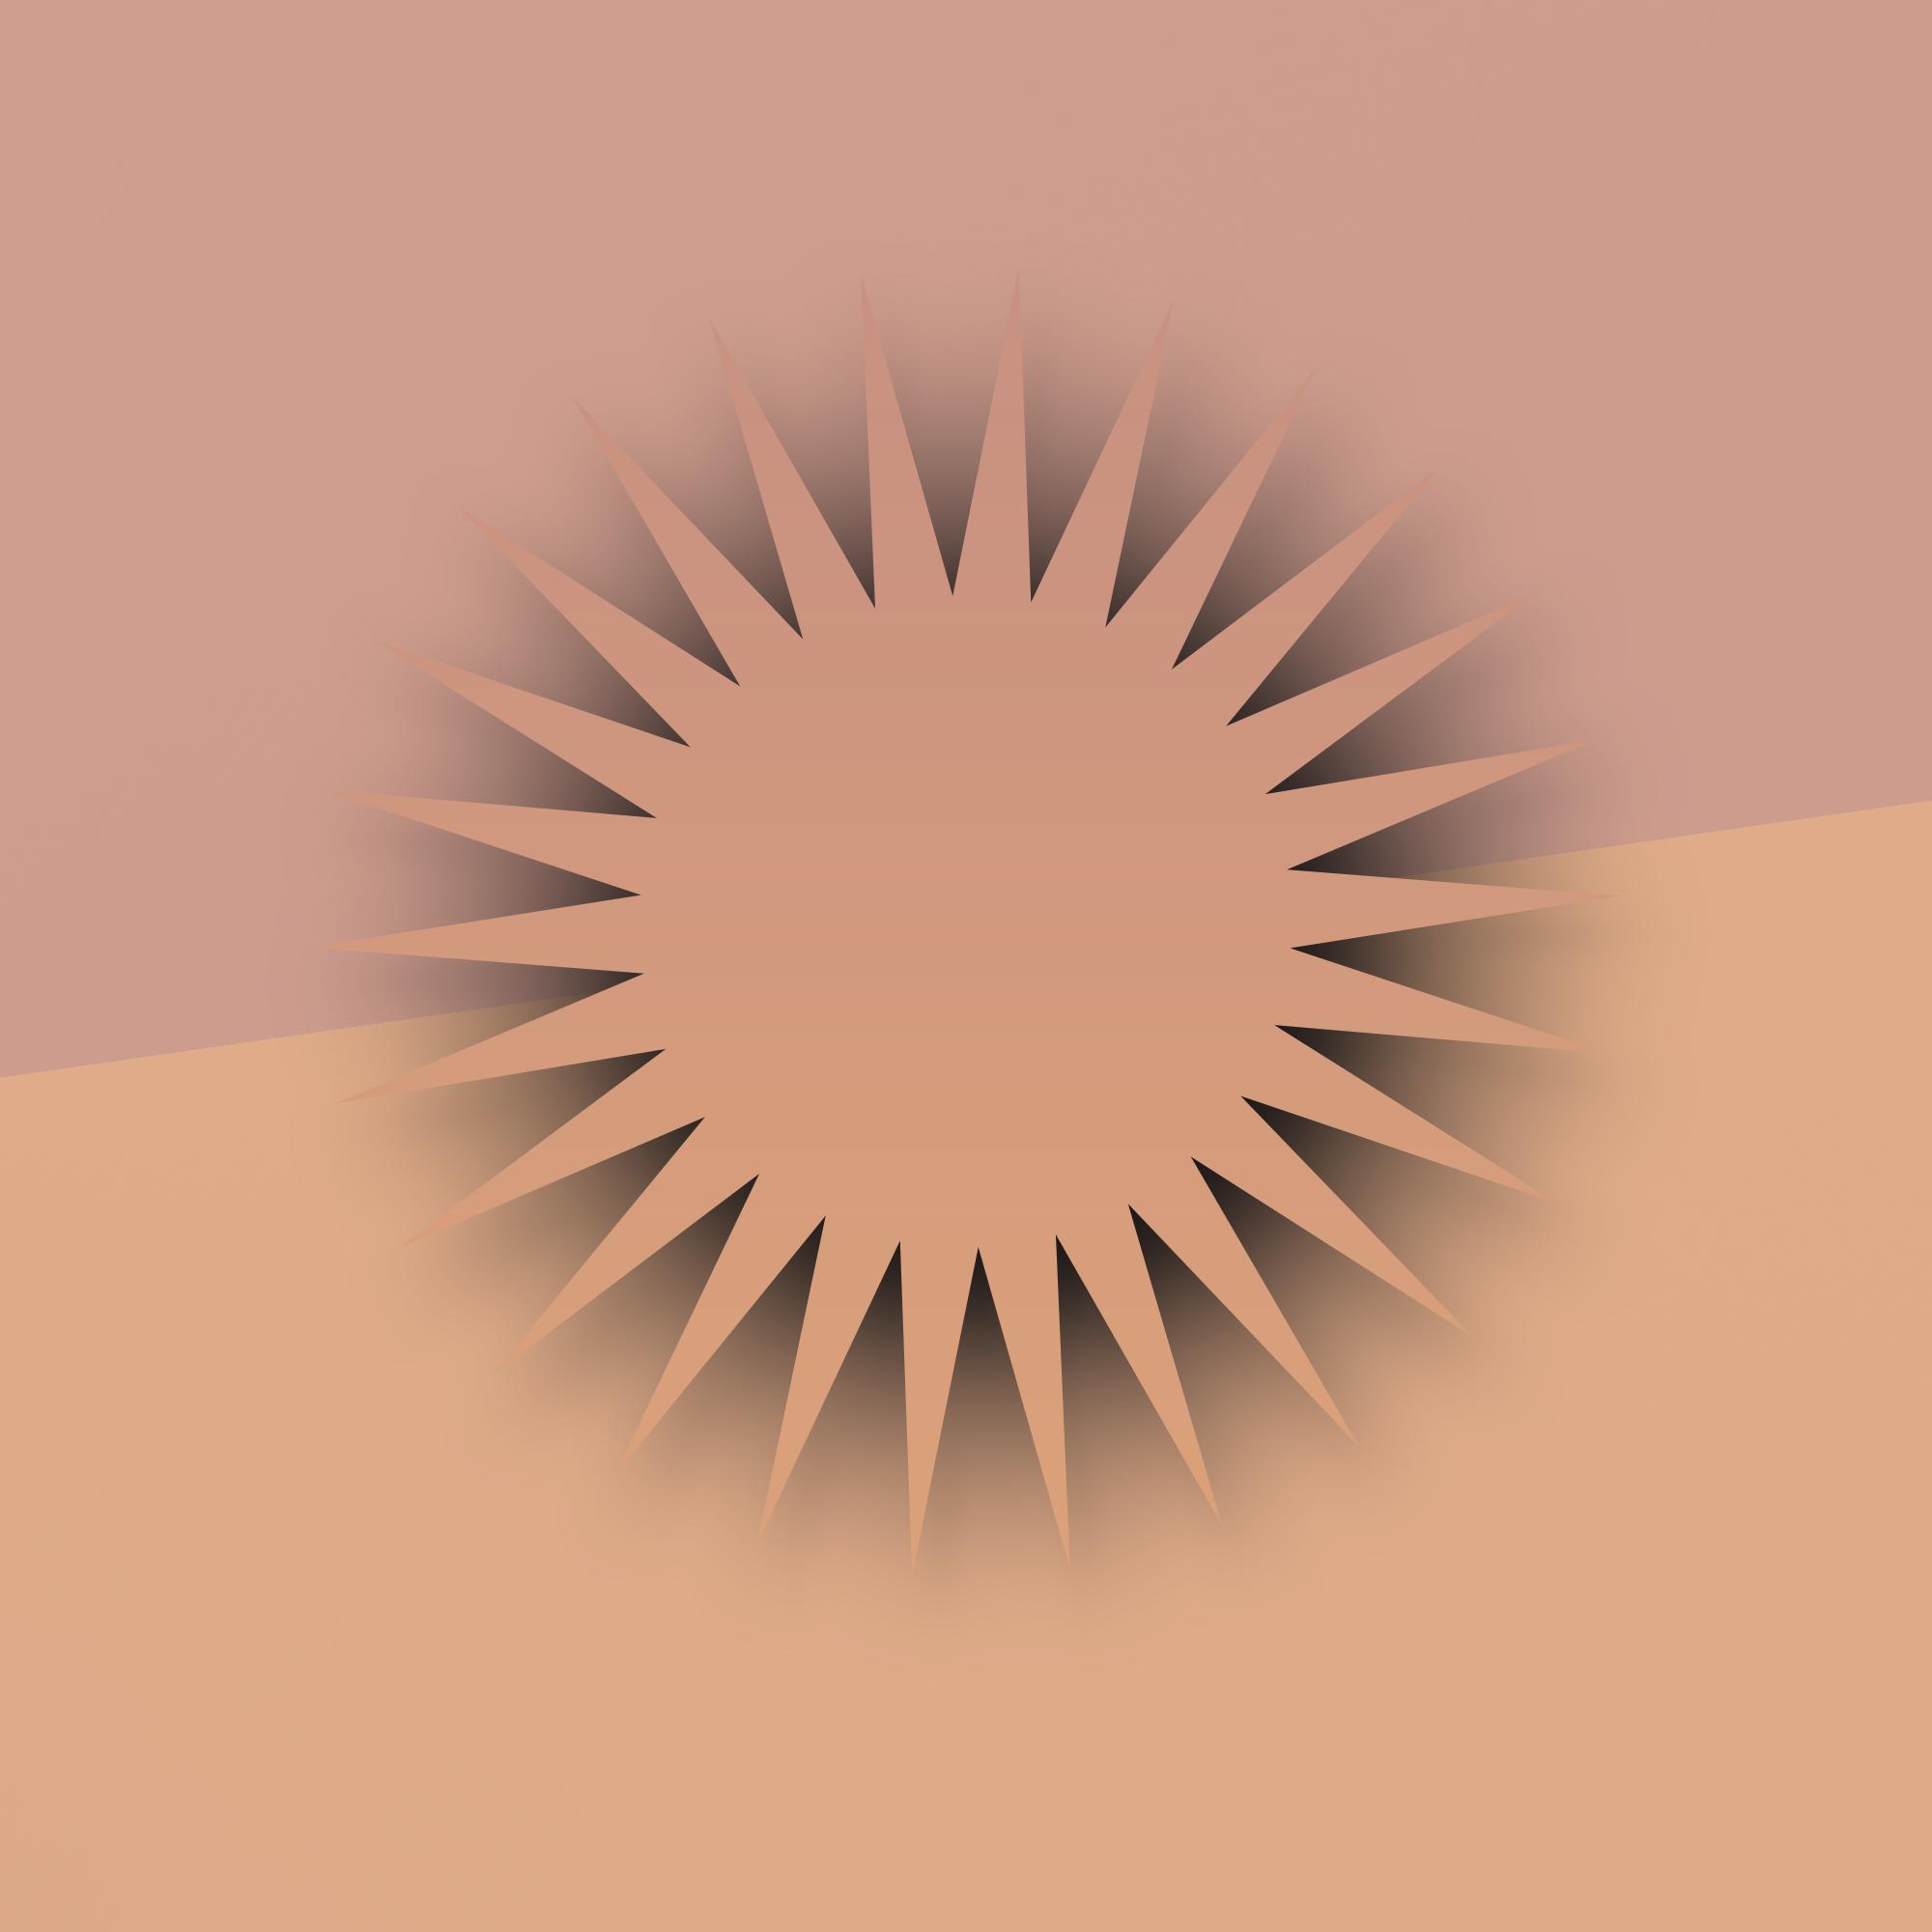 graphics illustration